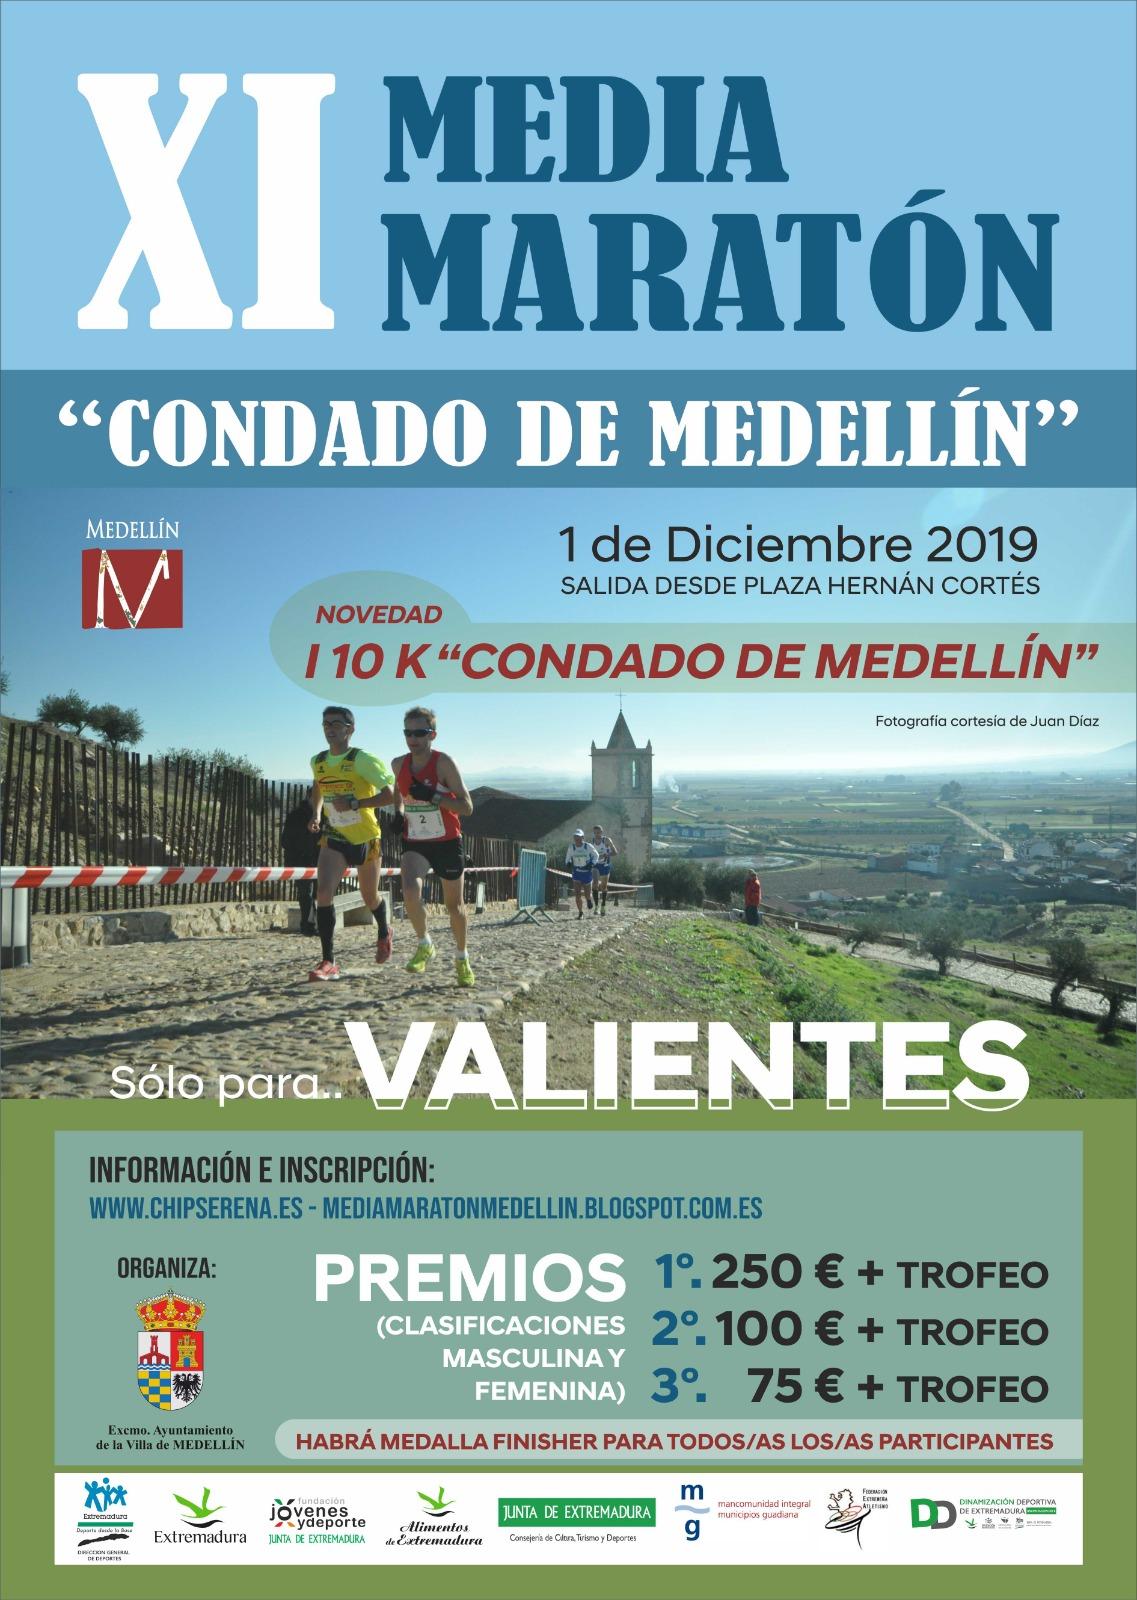 XI Media Maratón Condado de Medellín